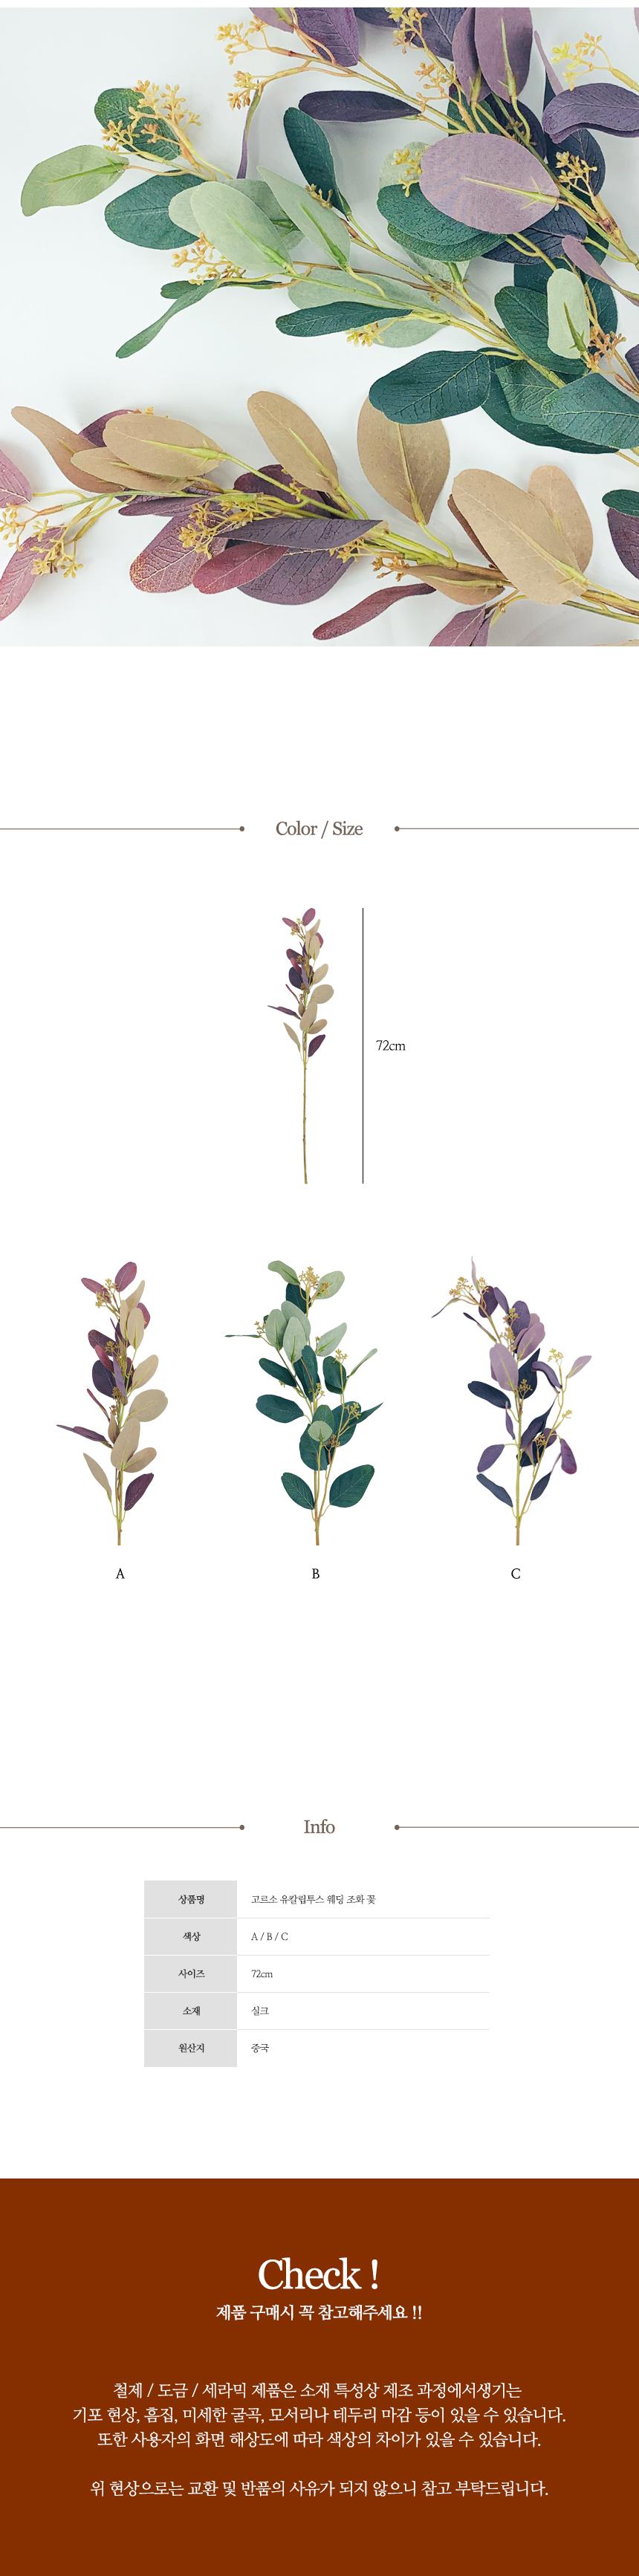 고르소 유칼립투스 웨딩 조화 꽃6,800원-고르소인테리어, 플라워, 조화, 웨딩조화바보사랑고르소 유칼립투스 웨딩 조화 꽃6,800원-고르소인테리어, 플라워, 조화, 웨딩조화바보사랑